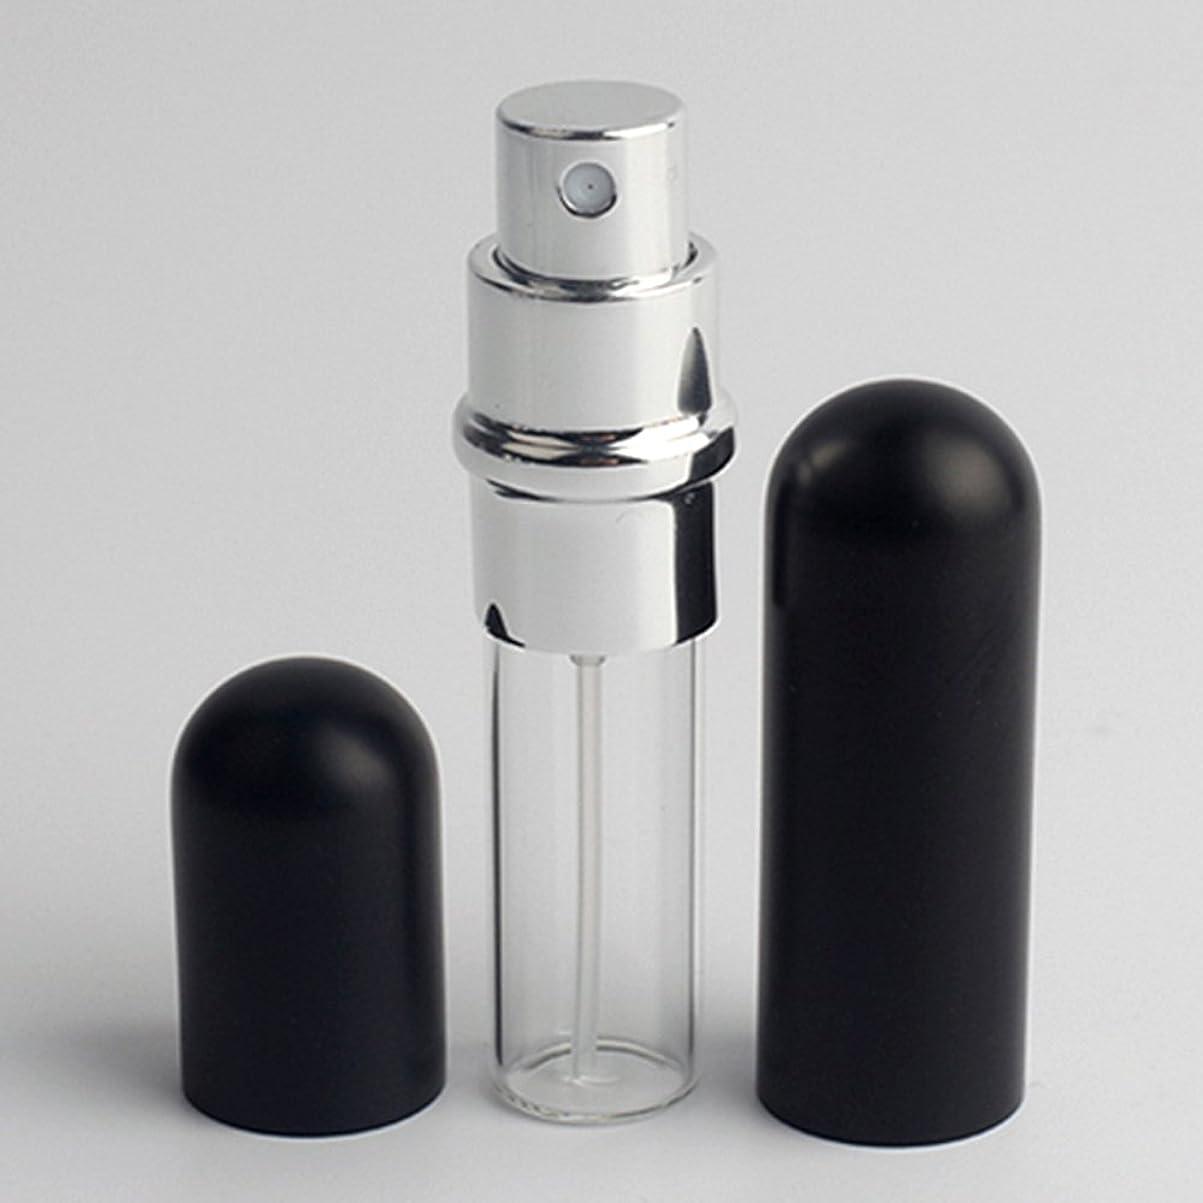 研磨酒Merssavo 6ml金属ガラス小型ポータブル詰め替え式アトマイザートラベルスプレー香水ボトル